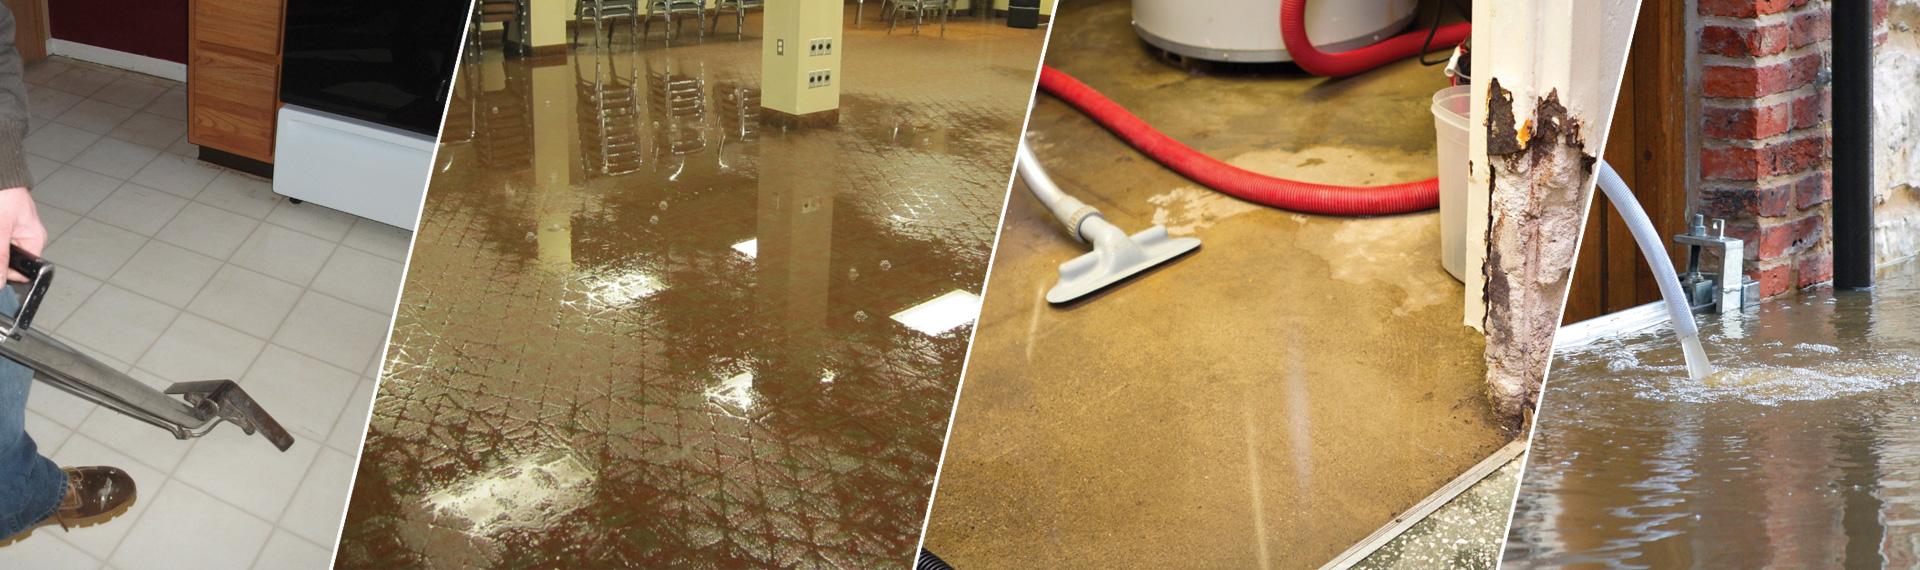 Promax Water Heater & Plumbing San Diego CA